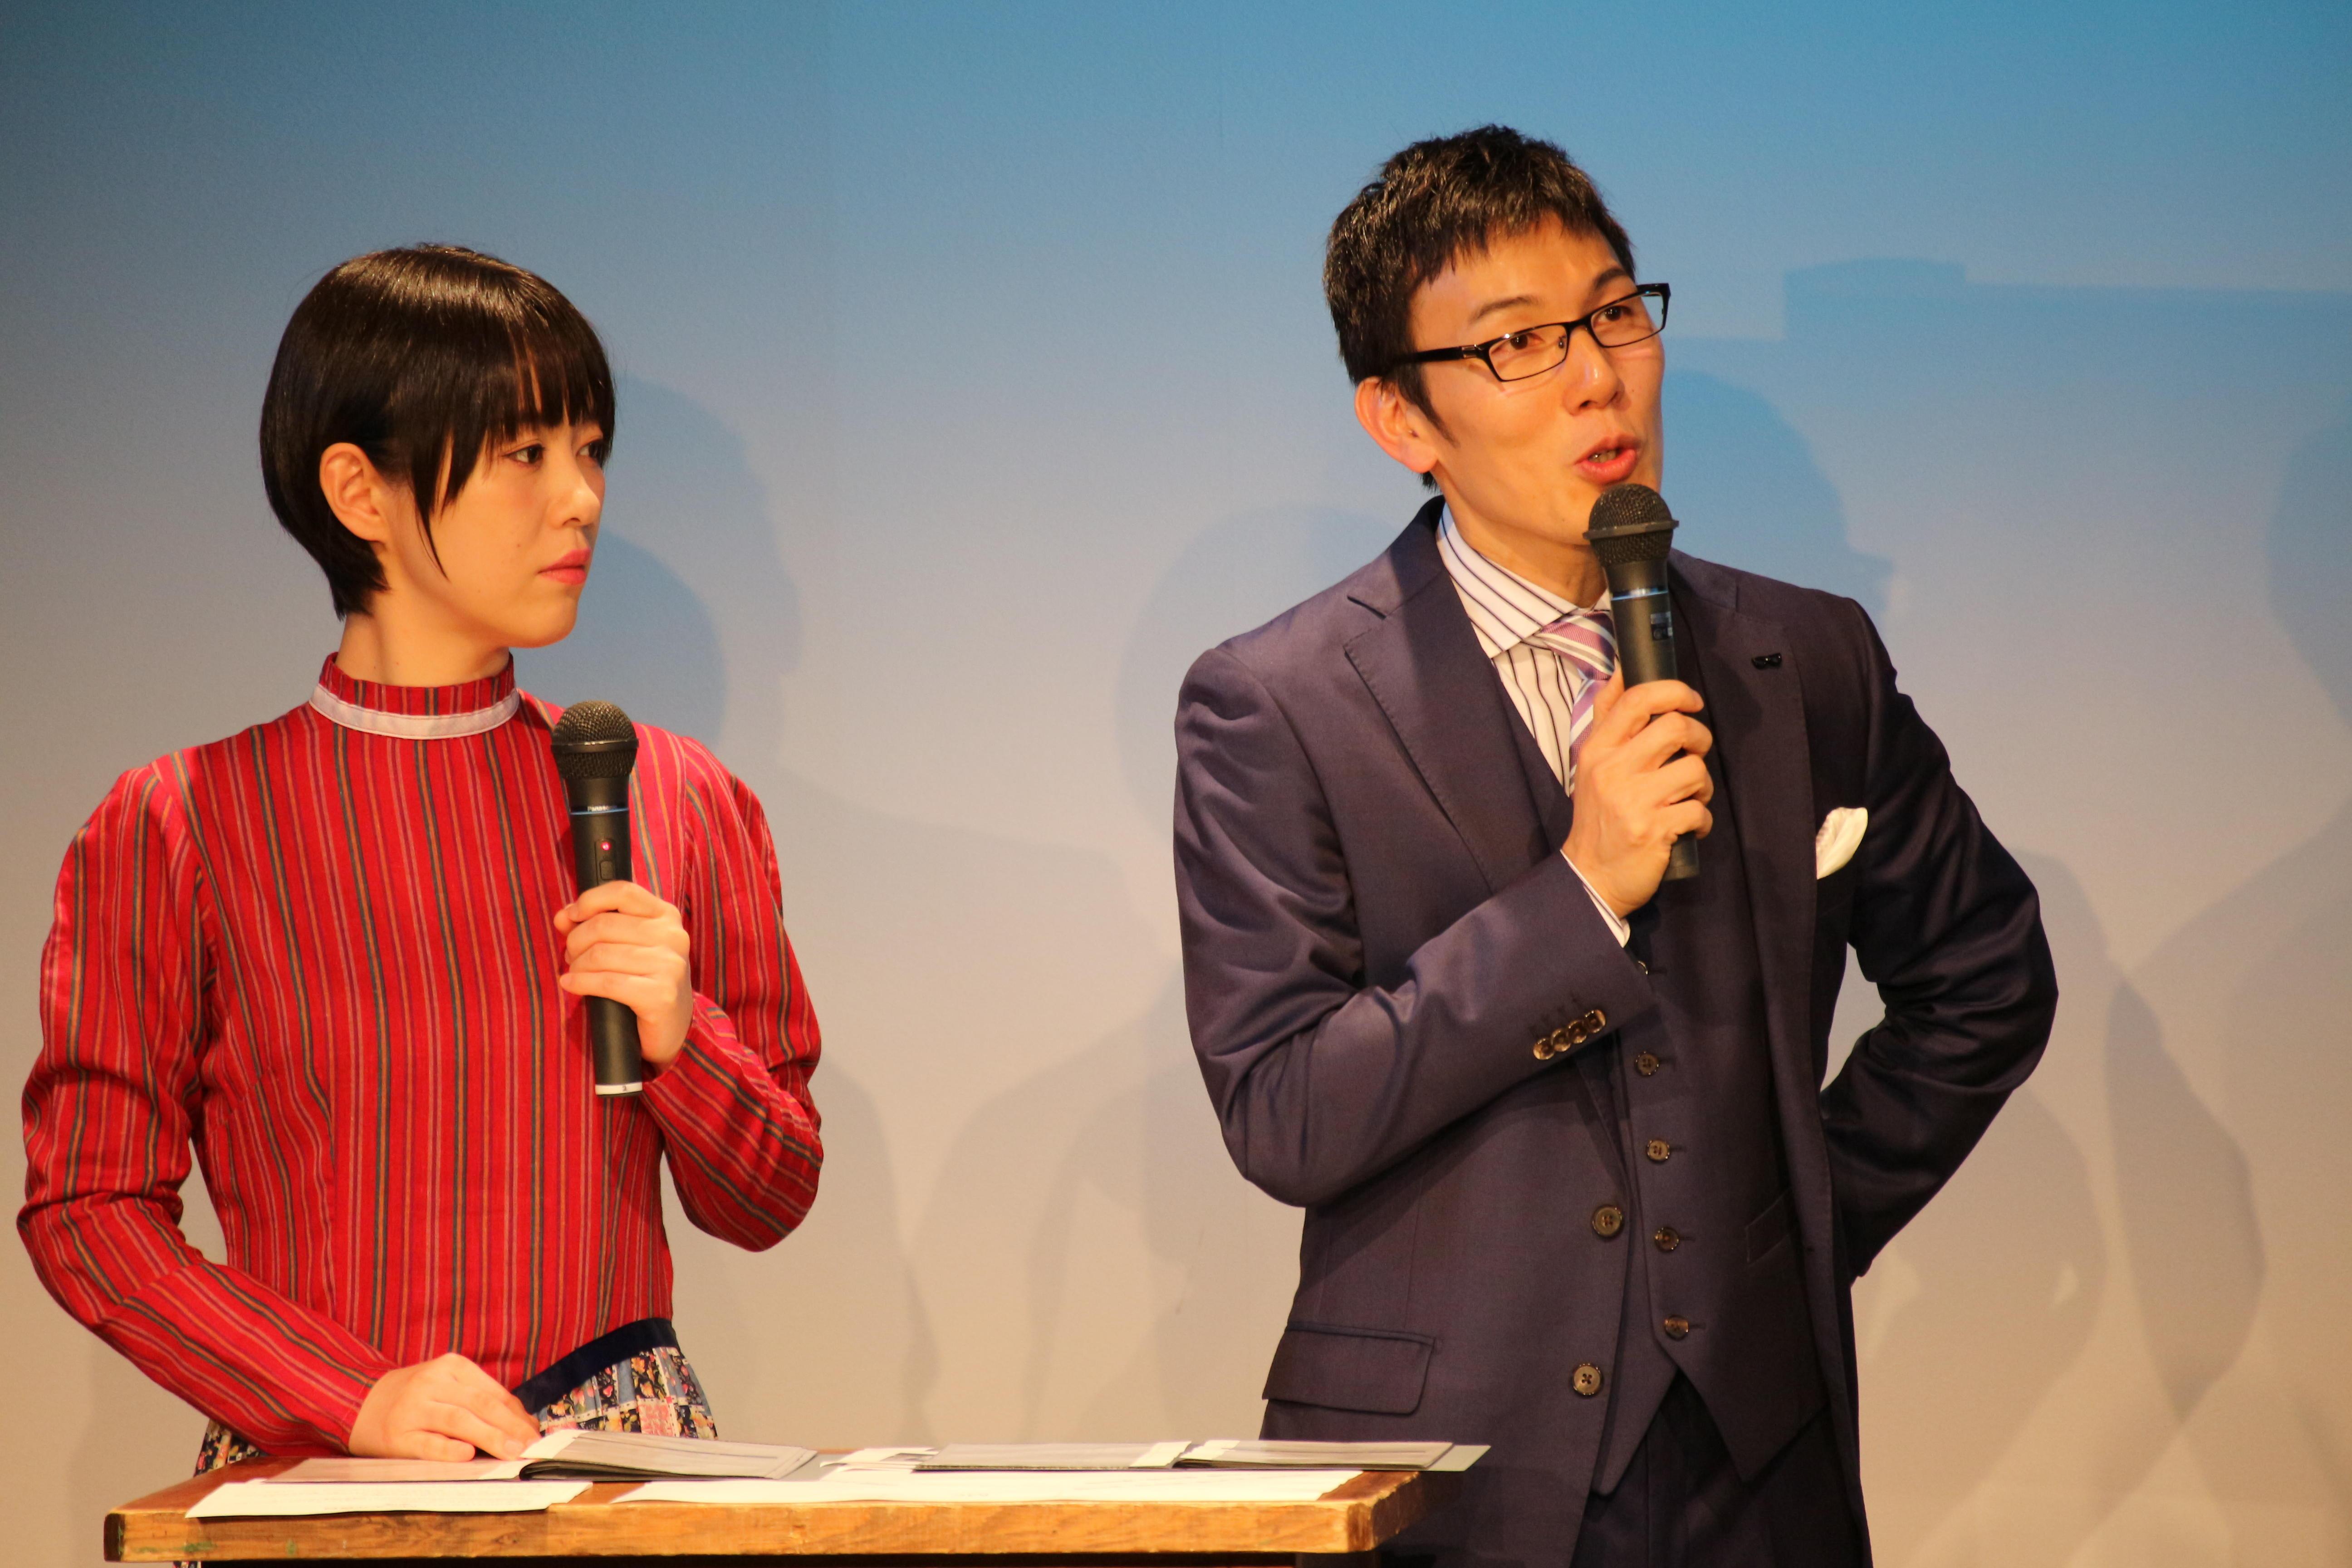 http://news.yoshimoto.co.jp/20180513000944-ed72369e0789931711e3142982054f96be832e20.jpg